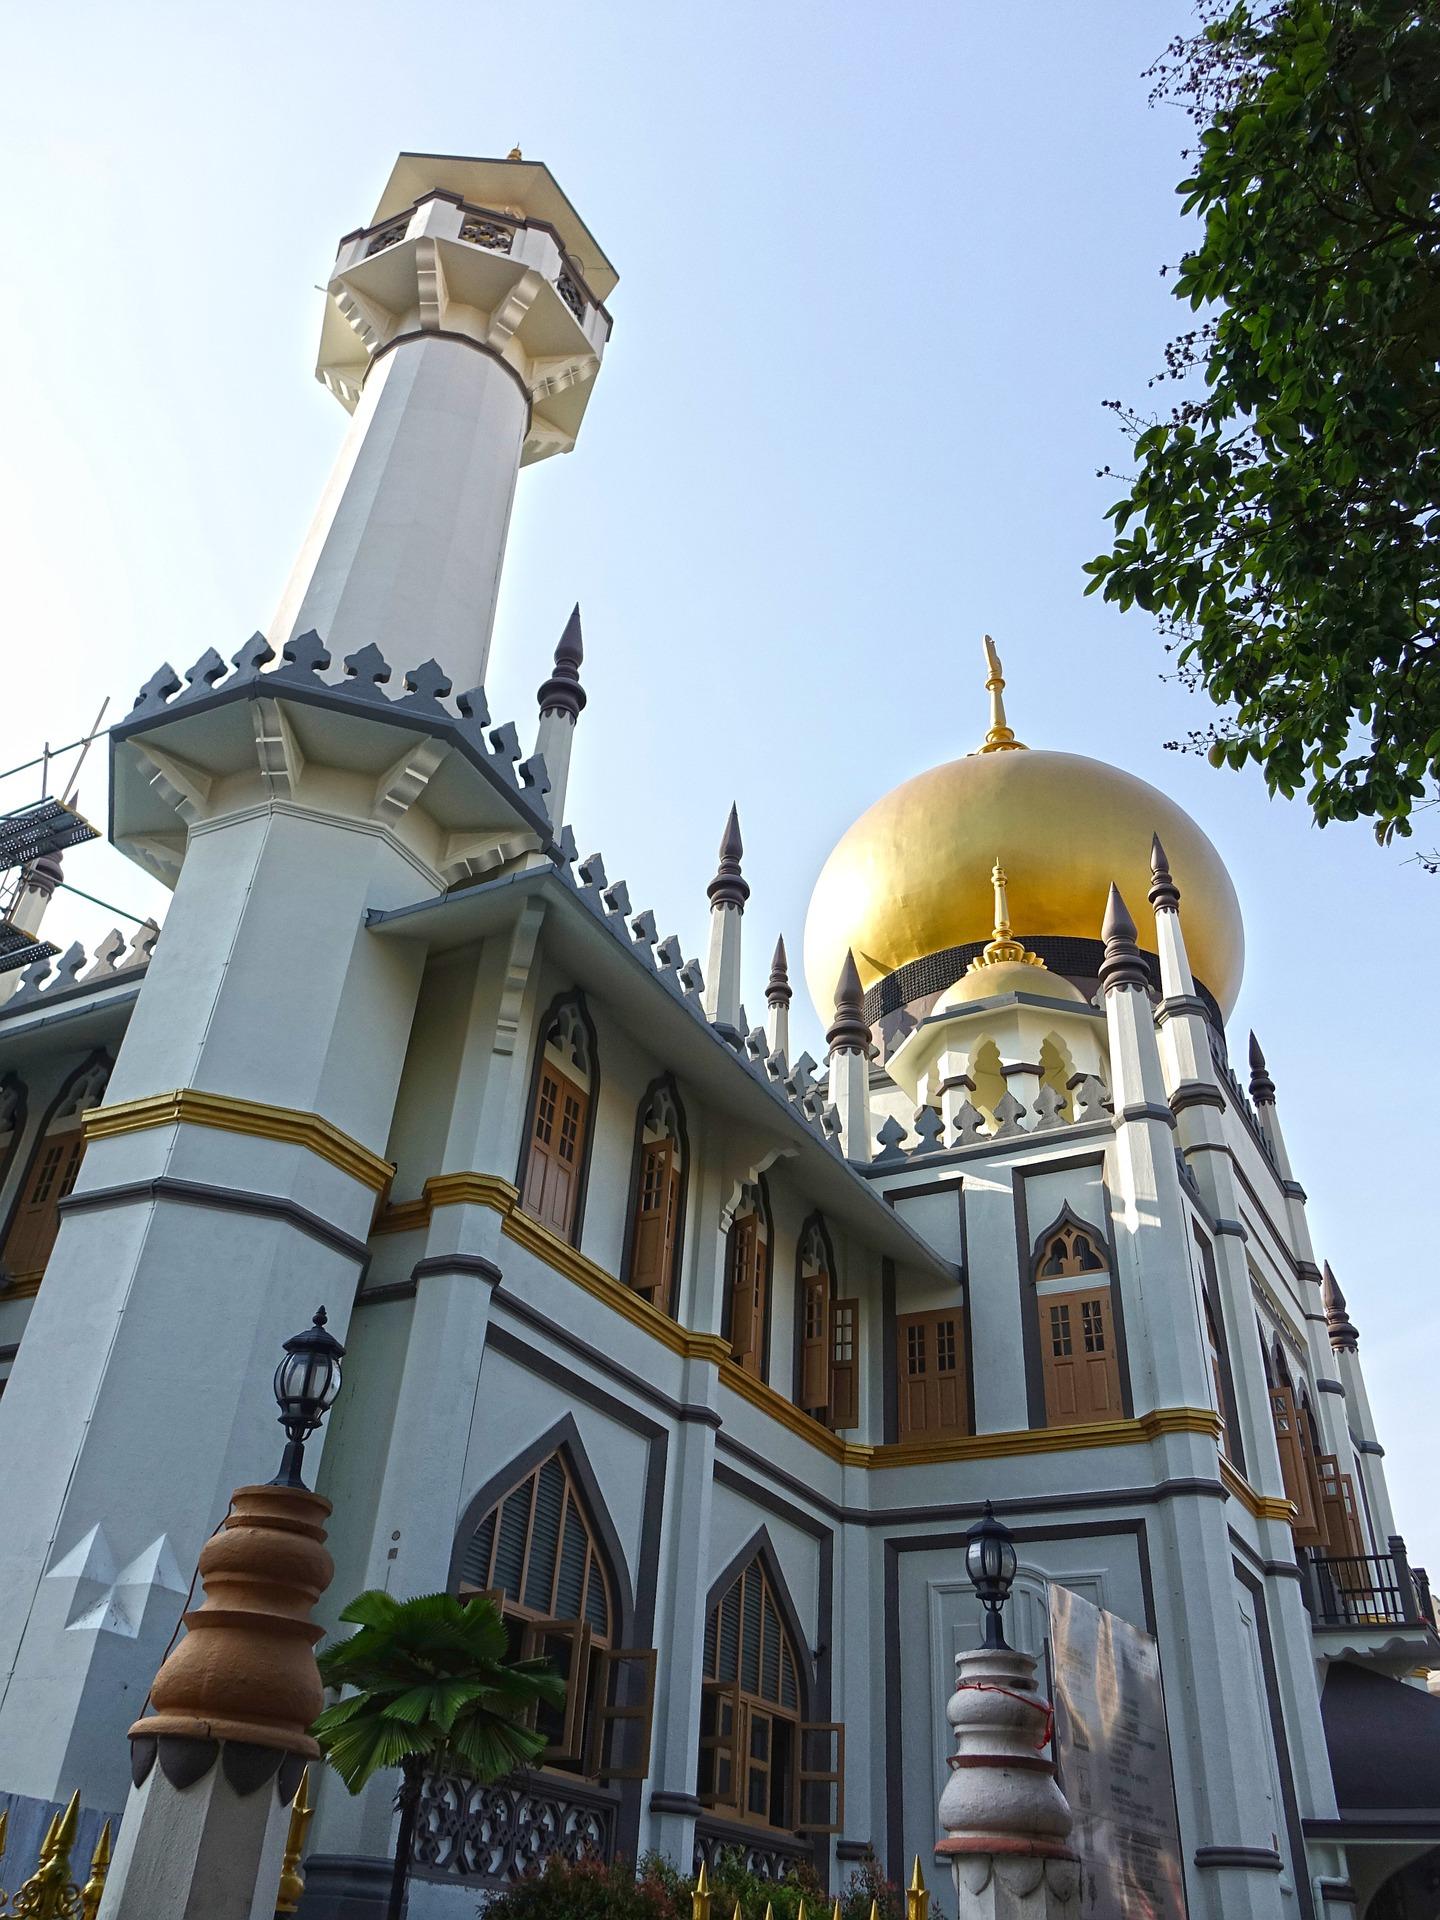 Masjid Sultan Moschee - National Orchid Gardens - Singapore Botanic Gardens Botanischer Garten - The Esplanade - Boat Quay - Singapur Top 10 Sehenswürdigkeiten: Alle Highlights für deinen ersten Besuch